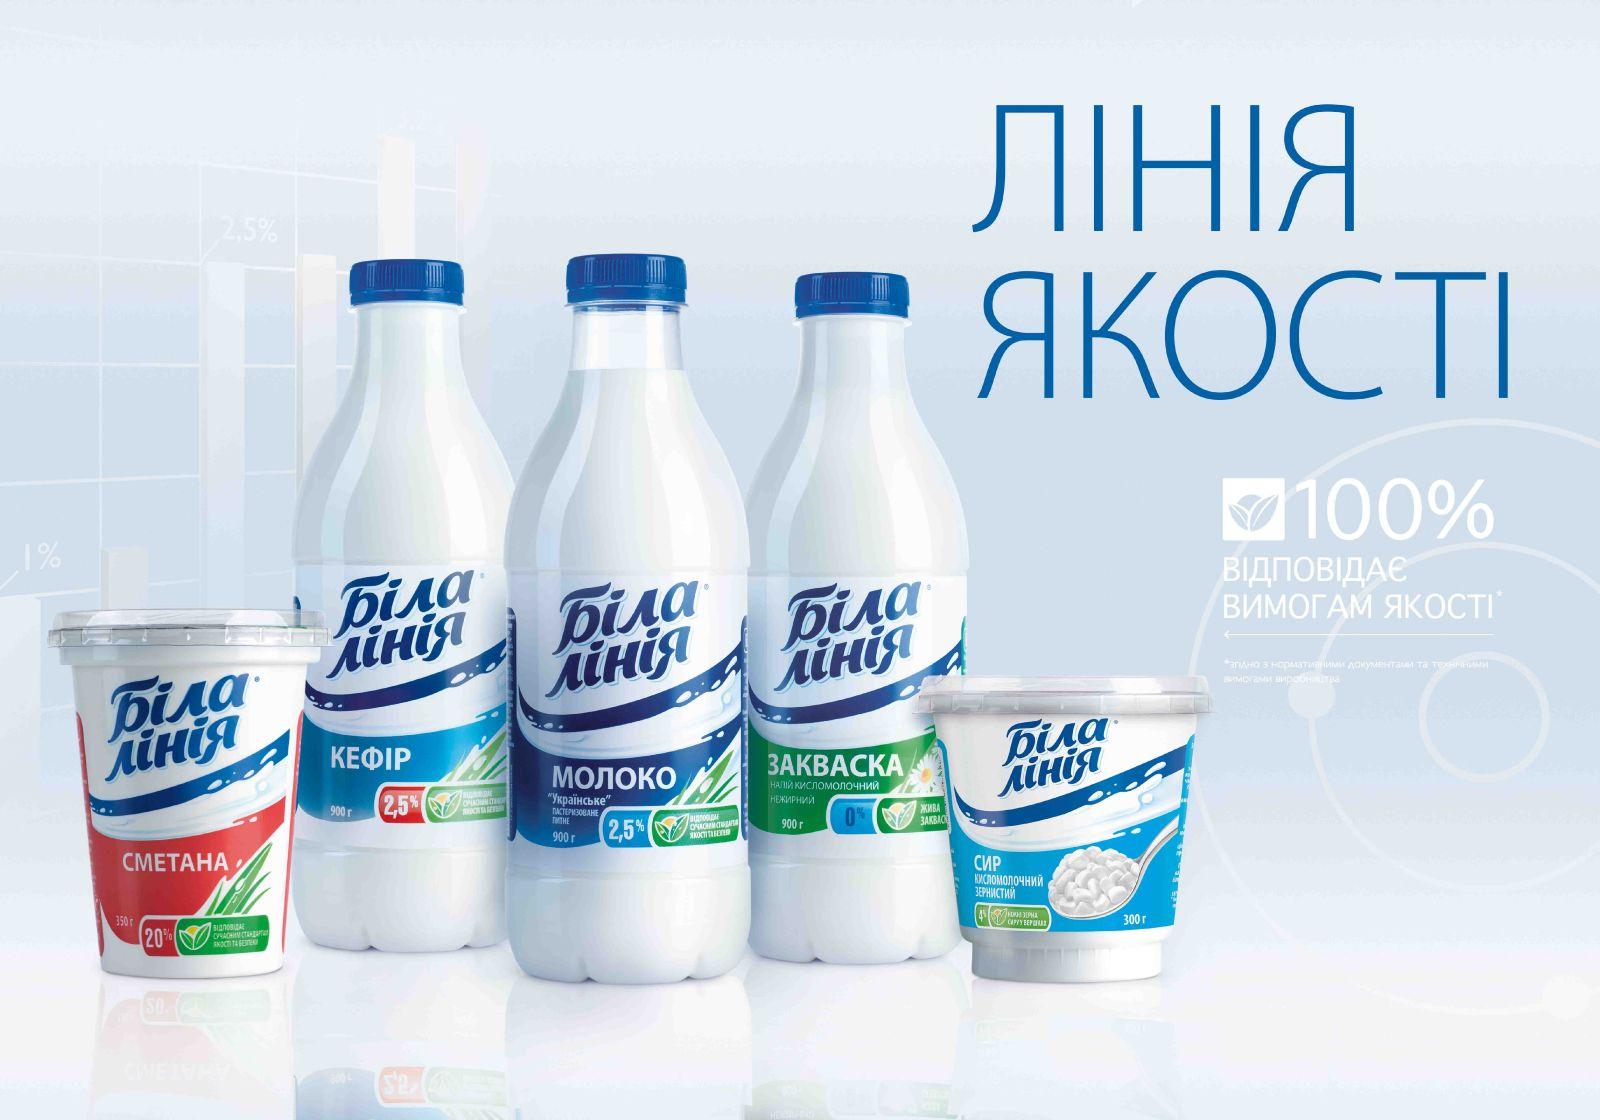 Как выбрать и где купить лучшие кисломолочные продукты - фото №1